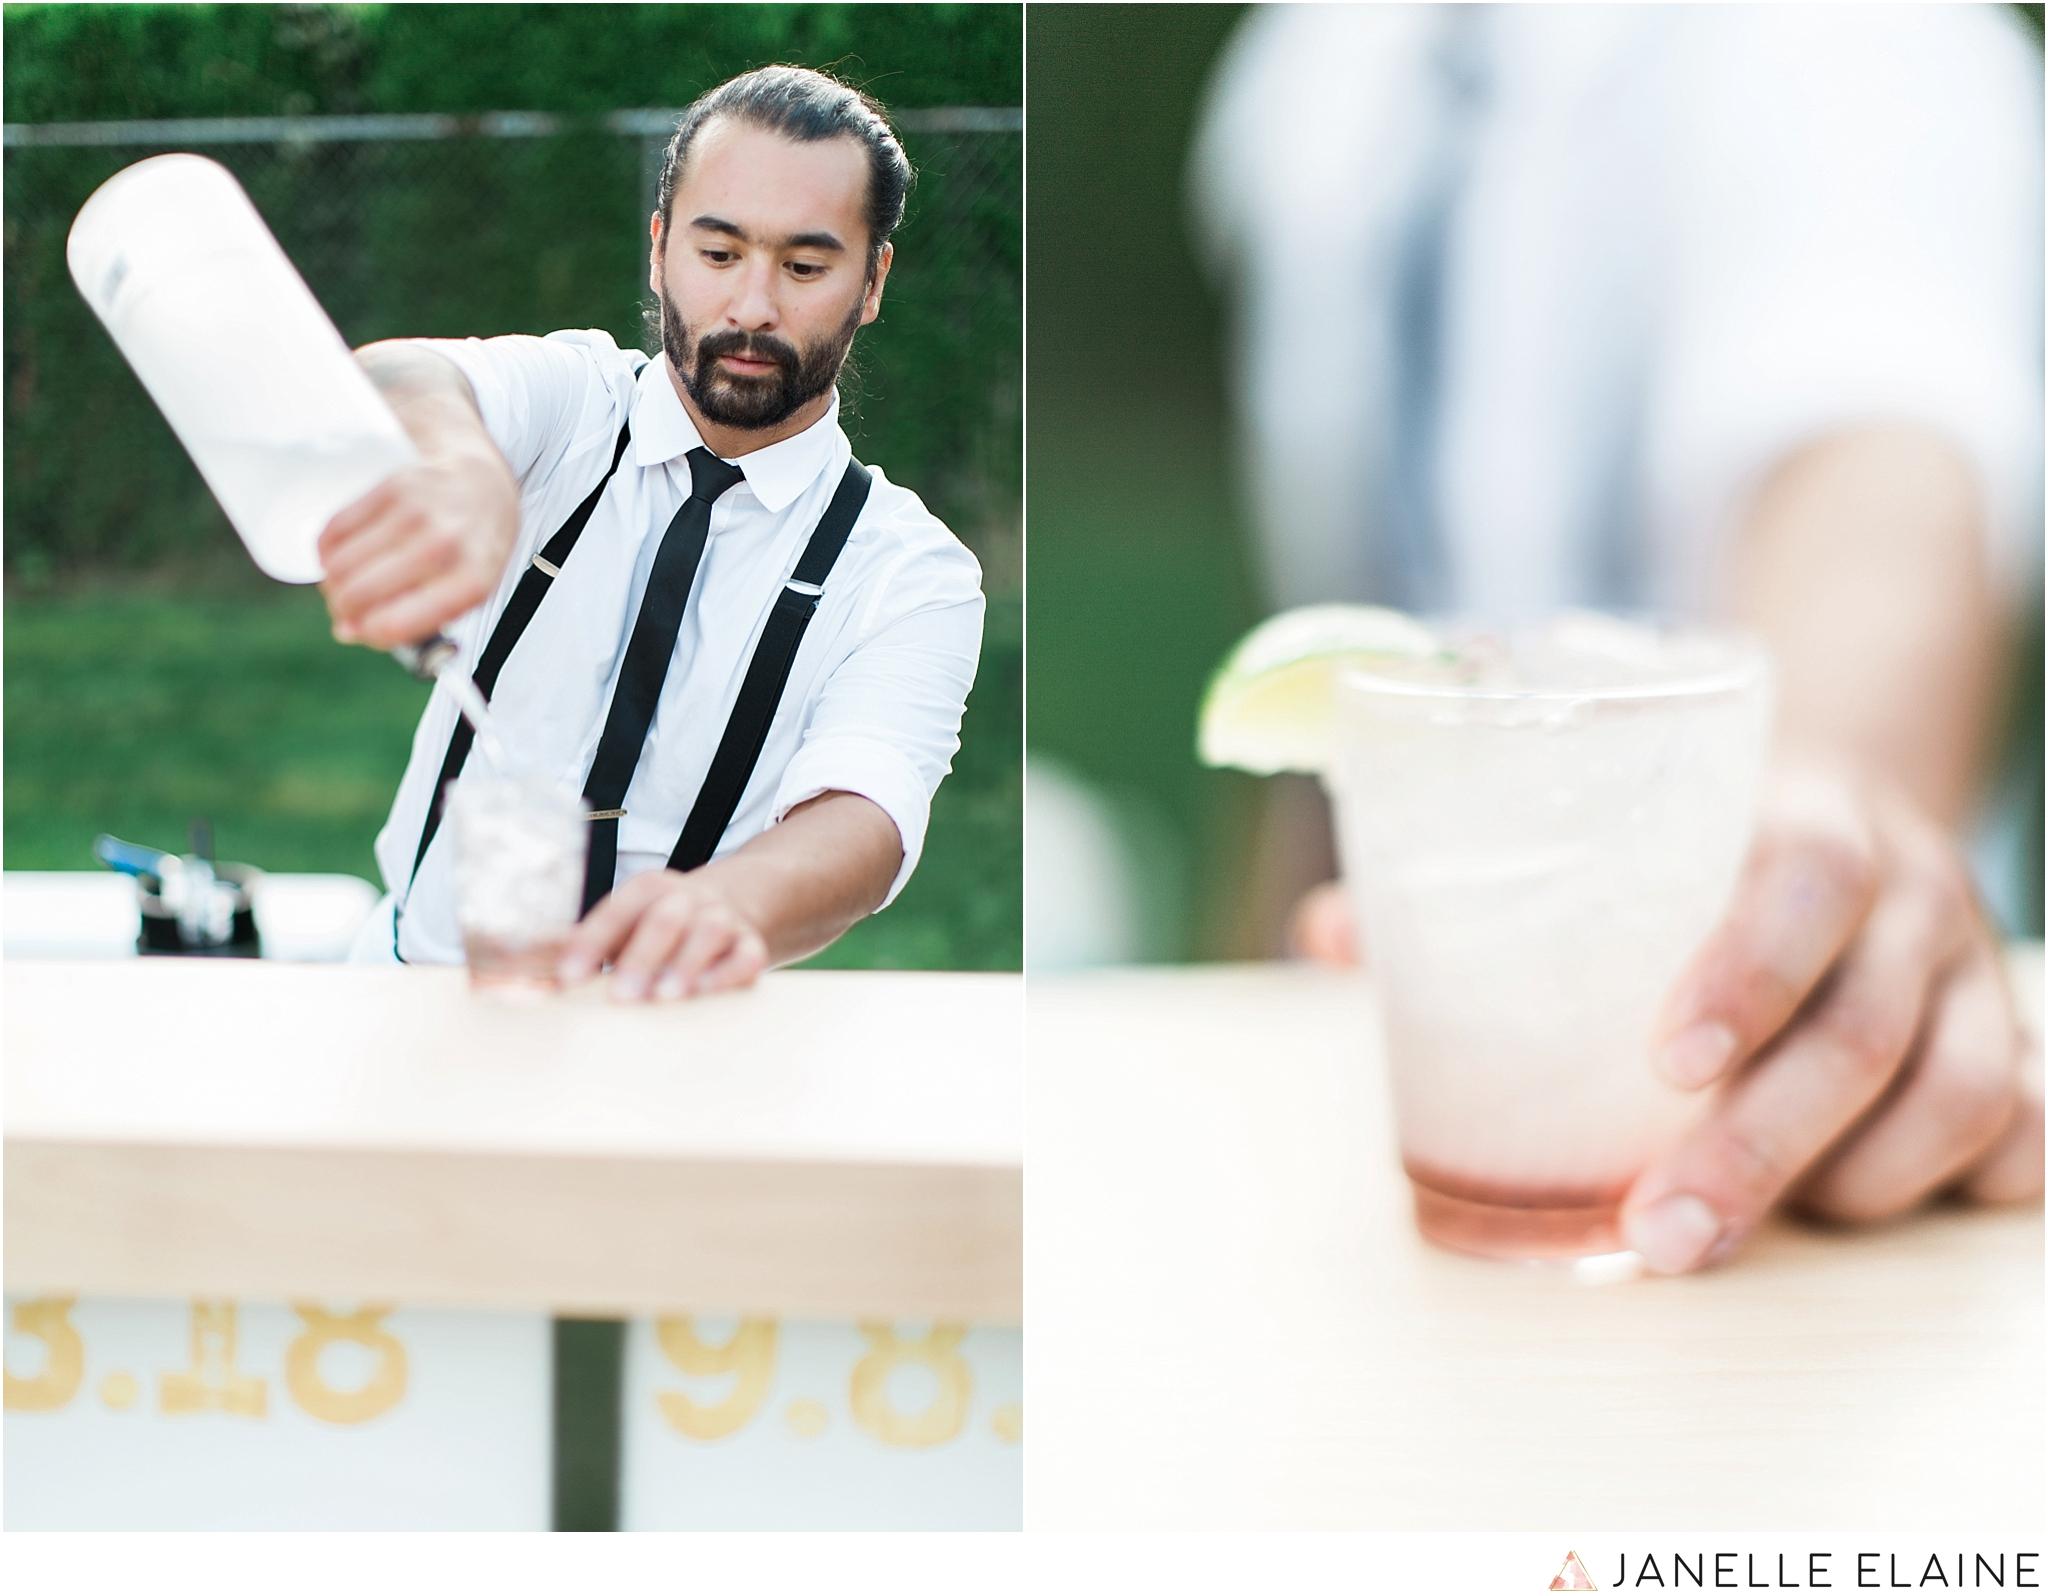 seattle-portrait-engagement-wedding-photographer-janelle-elaine-photography-76.jpg